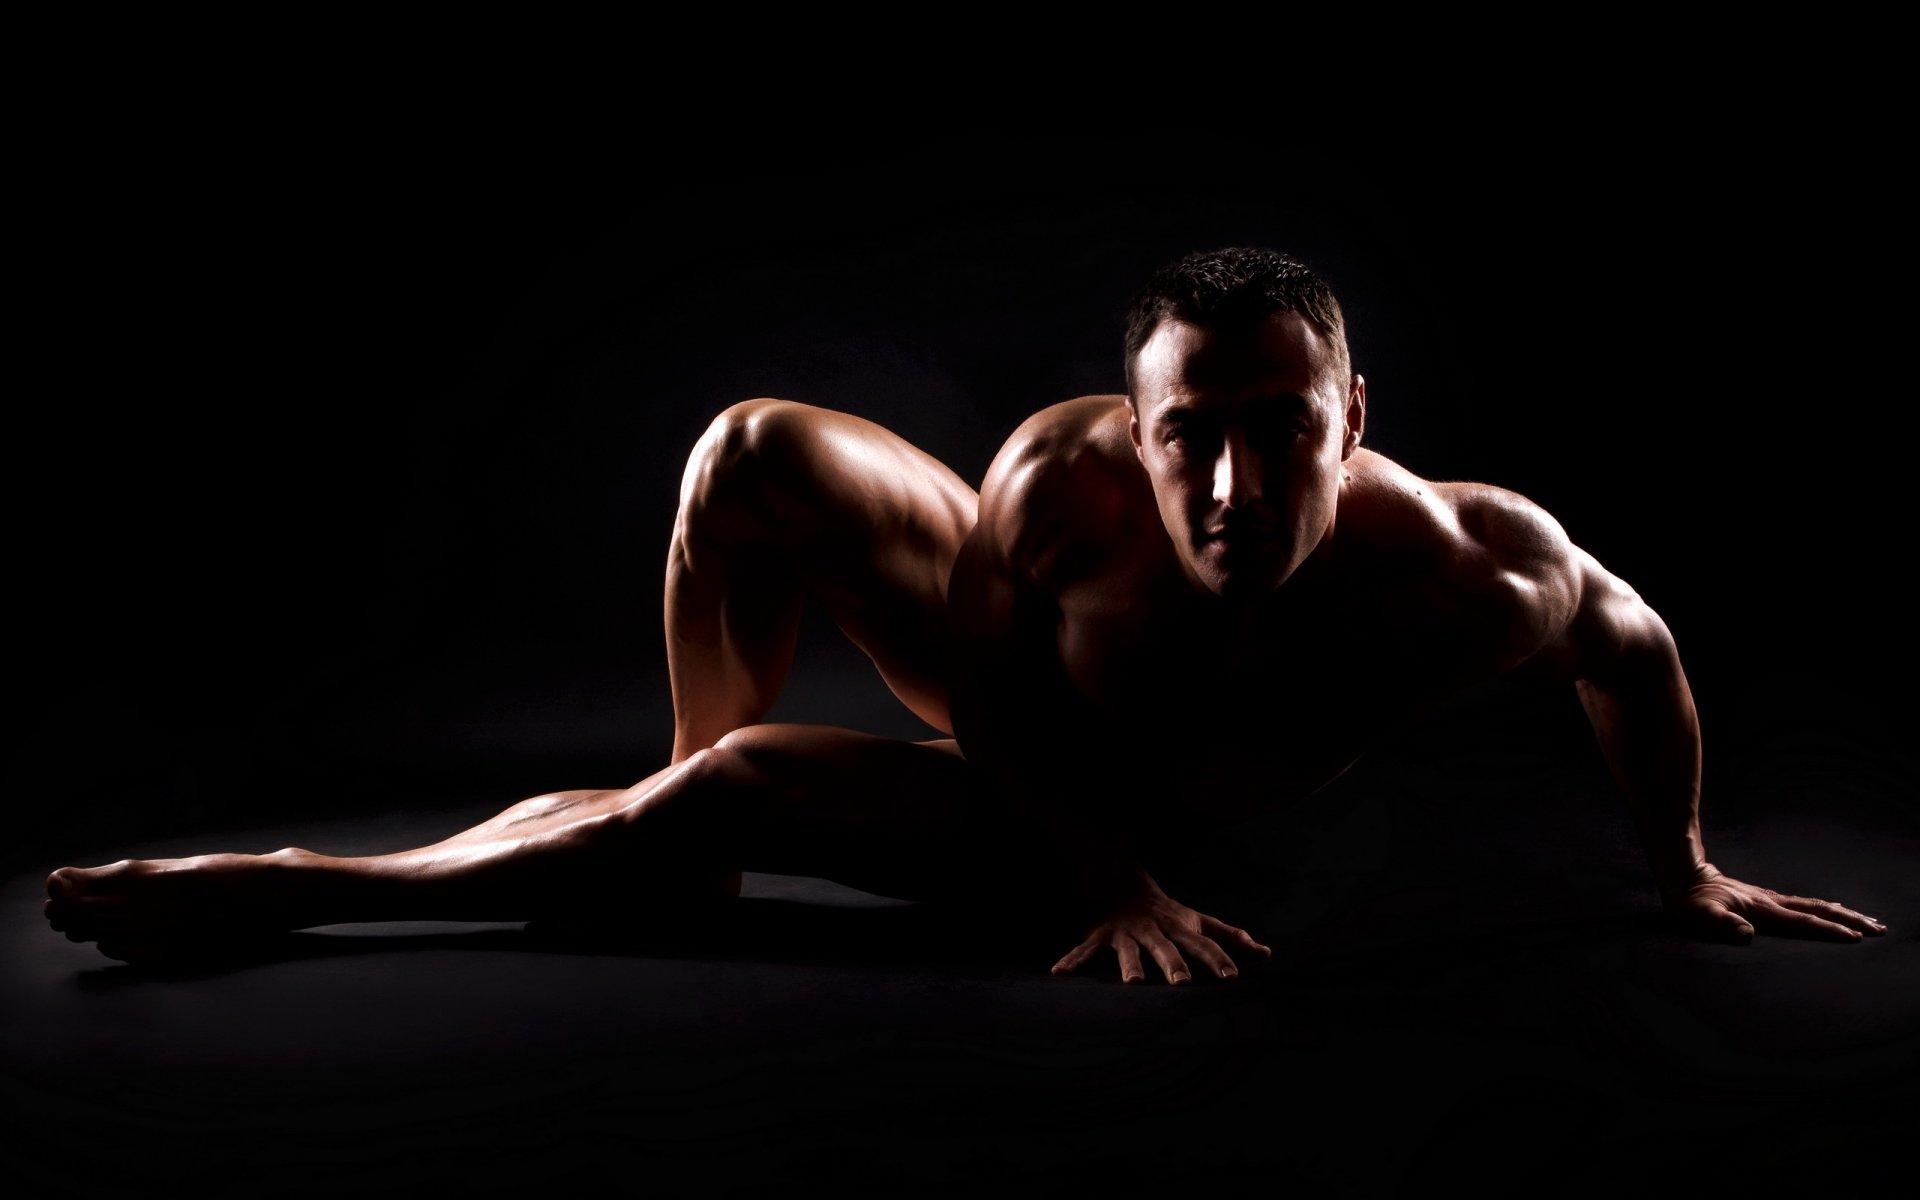 Фото голый человек девушка принимаю